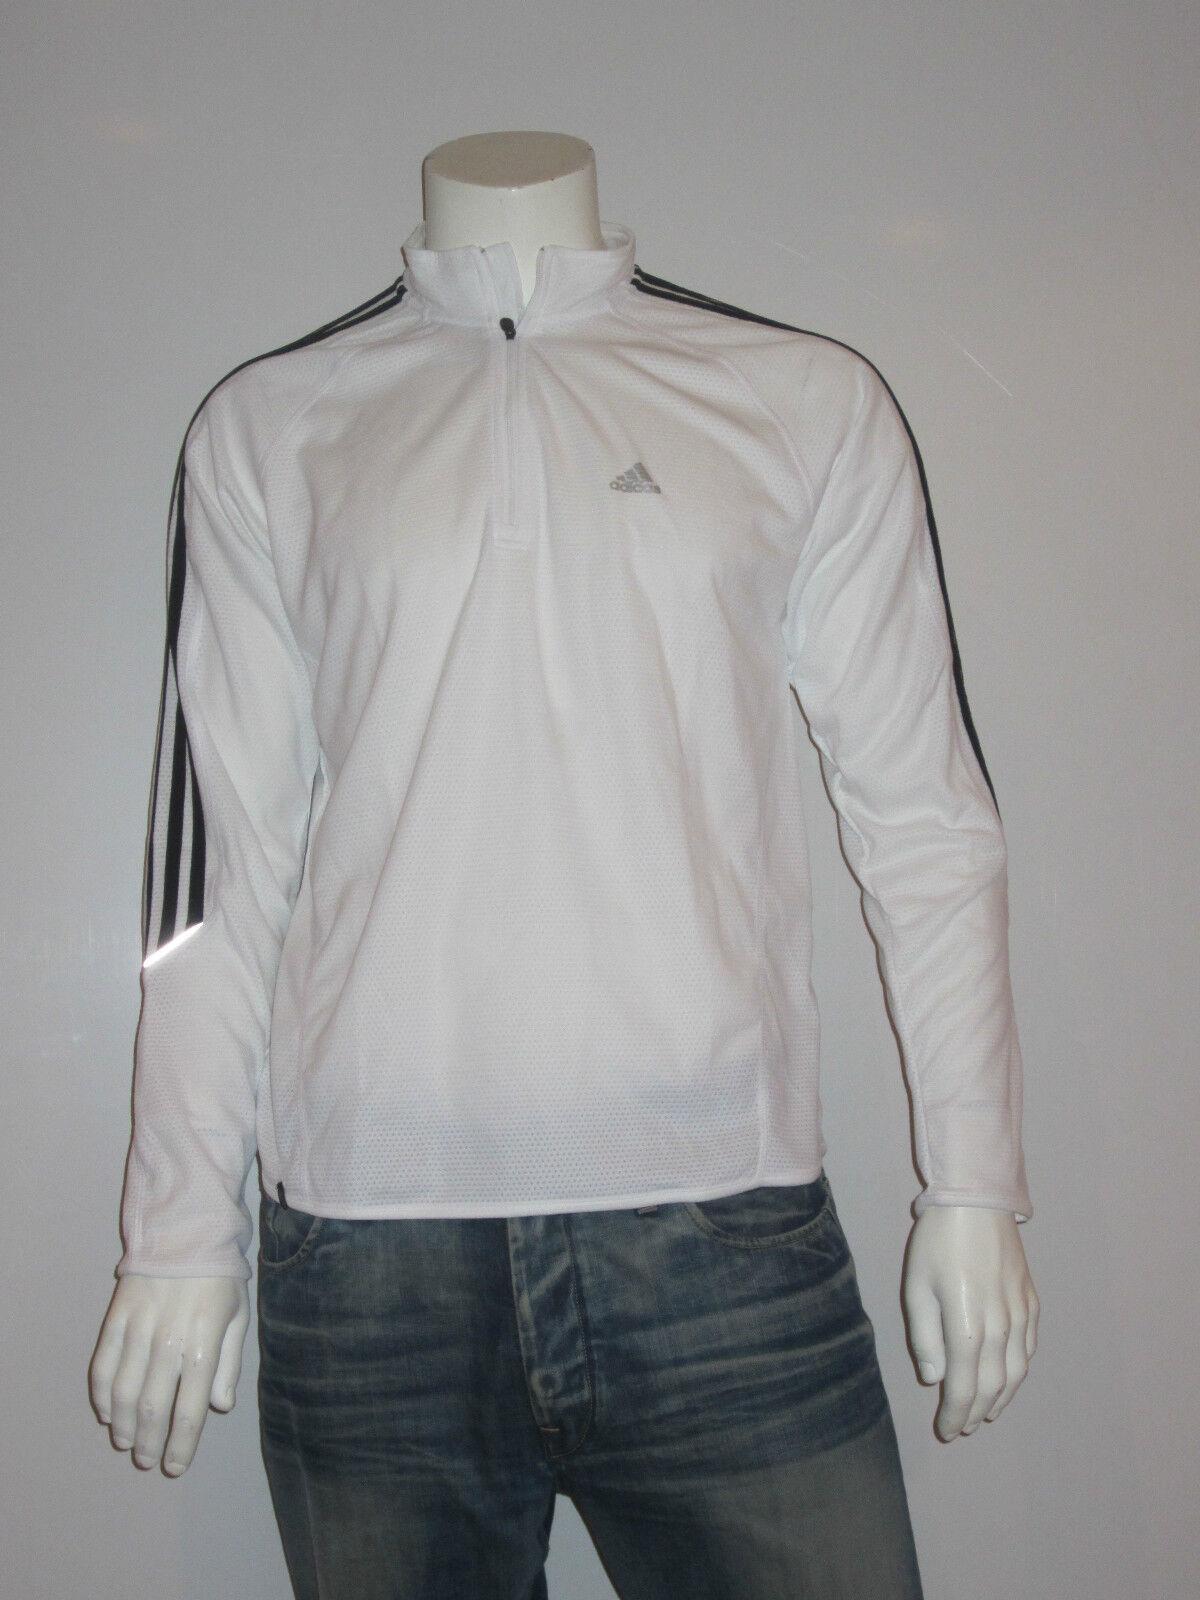 Adidas Response Zip Shirt [Size XL] MEN'S RUNNING SHIRT FITNESS TRAINING NIP